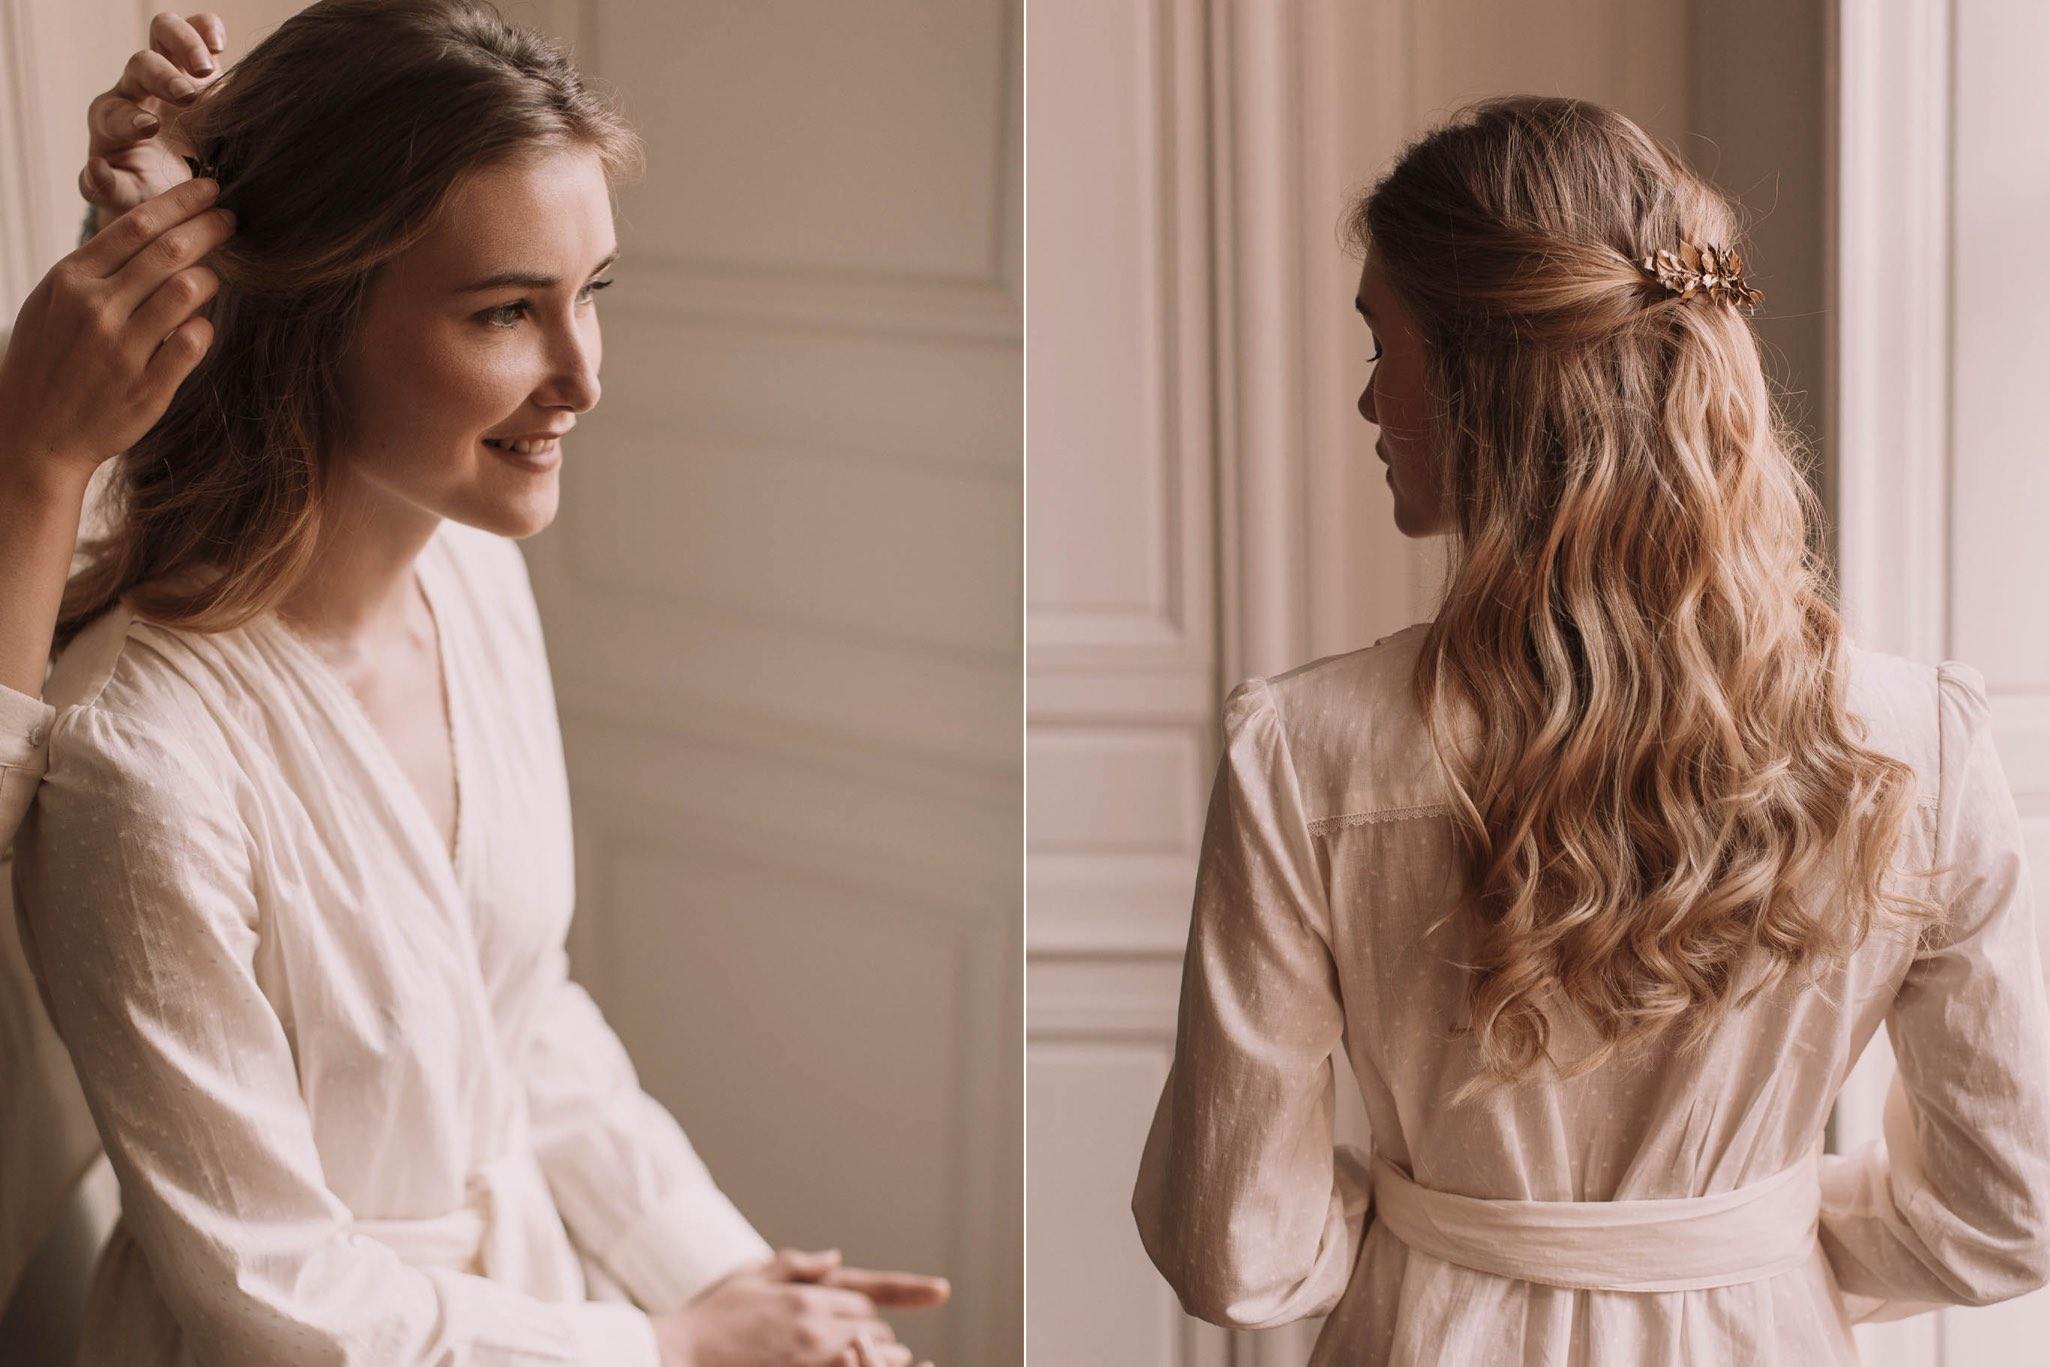 photographe-mariage-bordeaux-jeremy-boyer-white-minimal-15.jpg